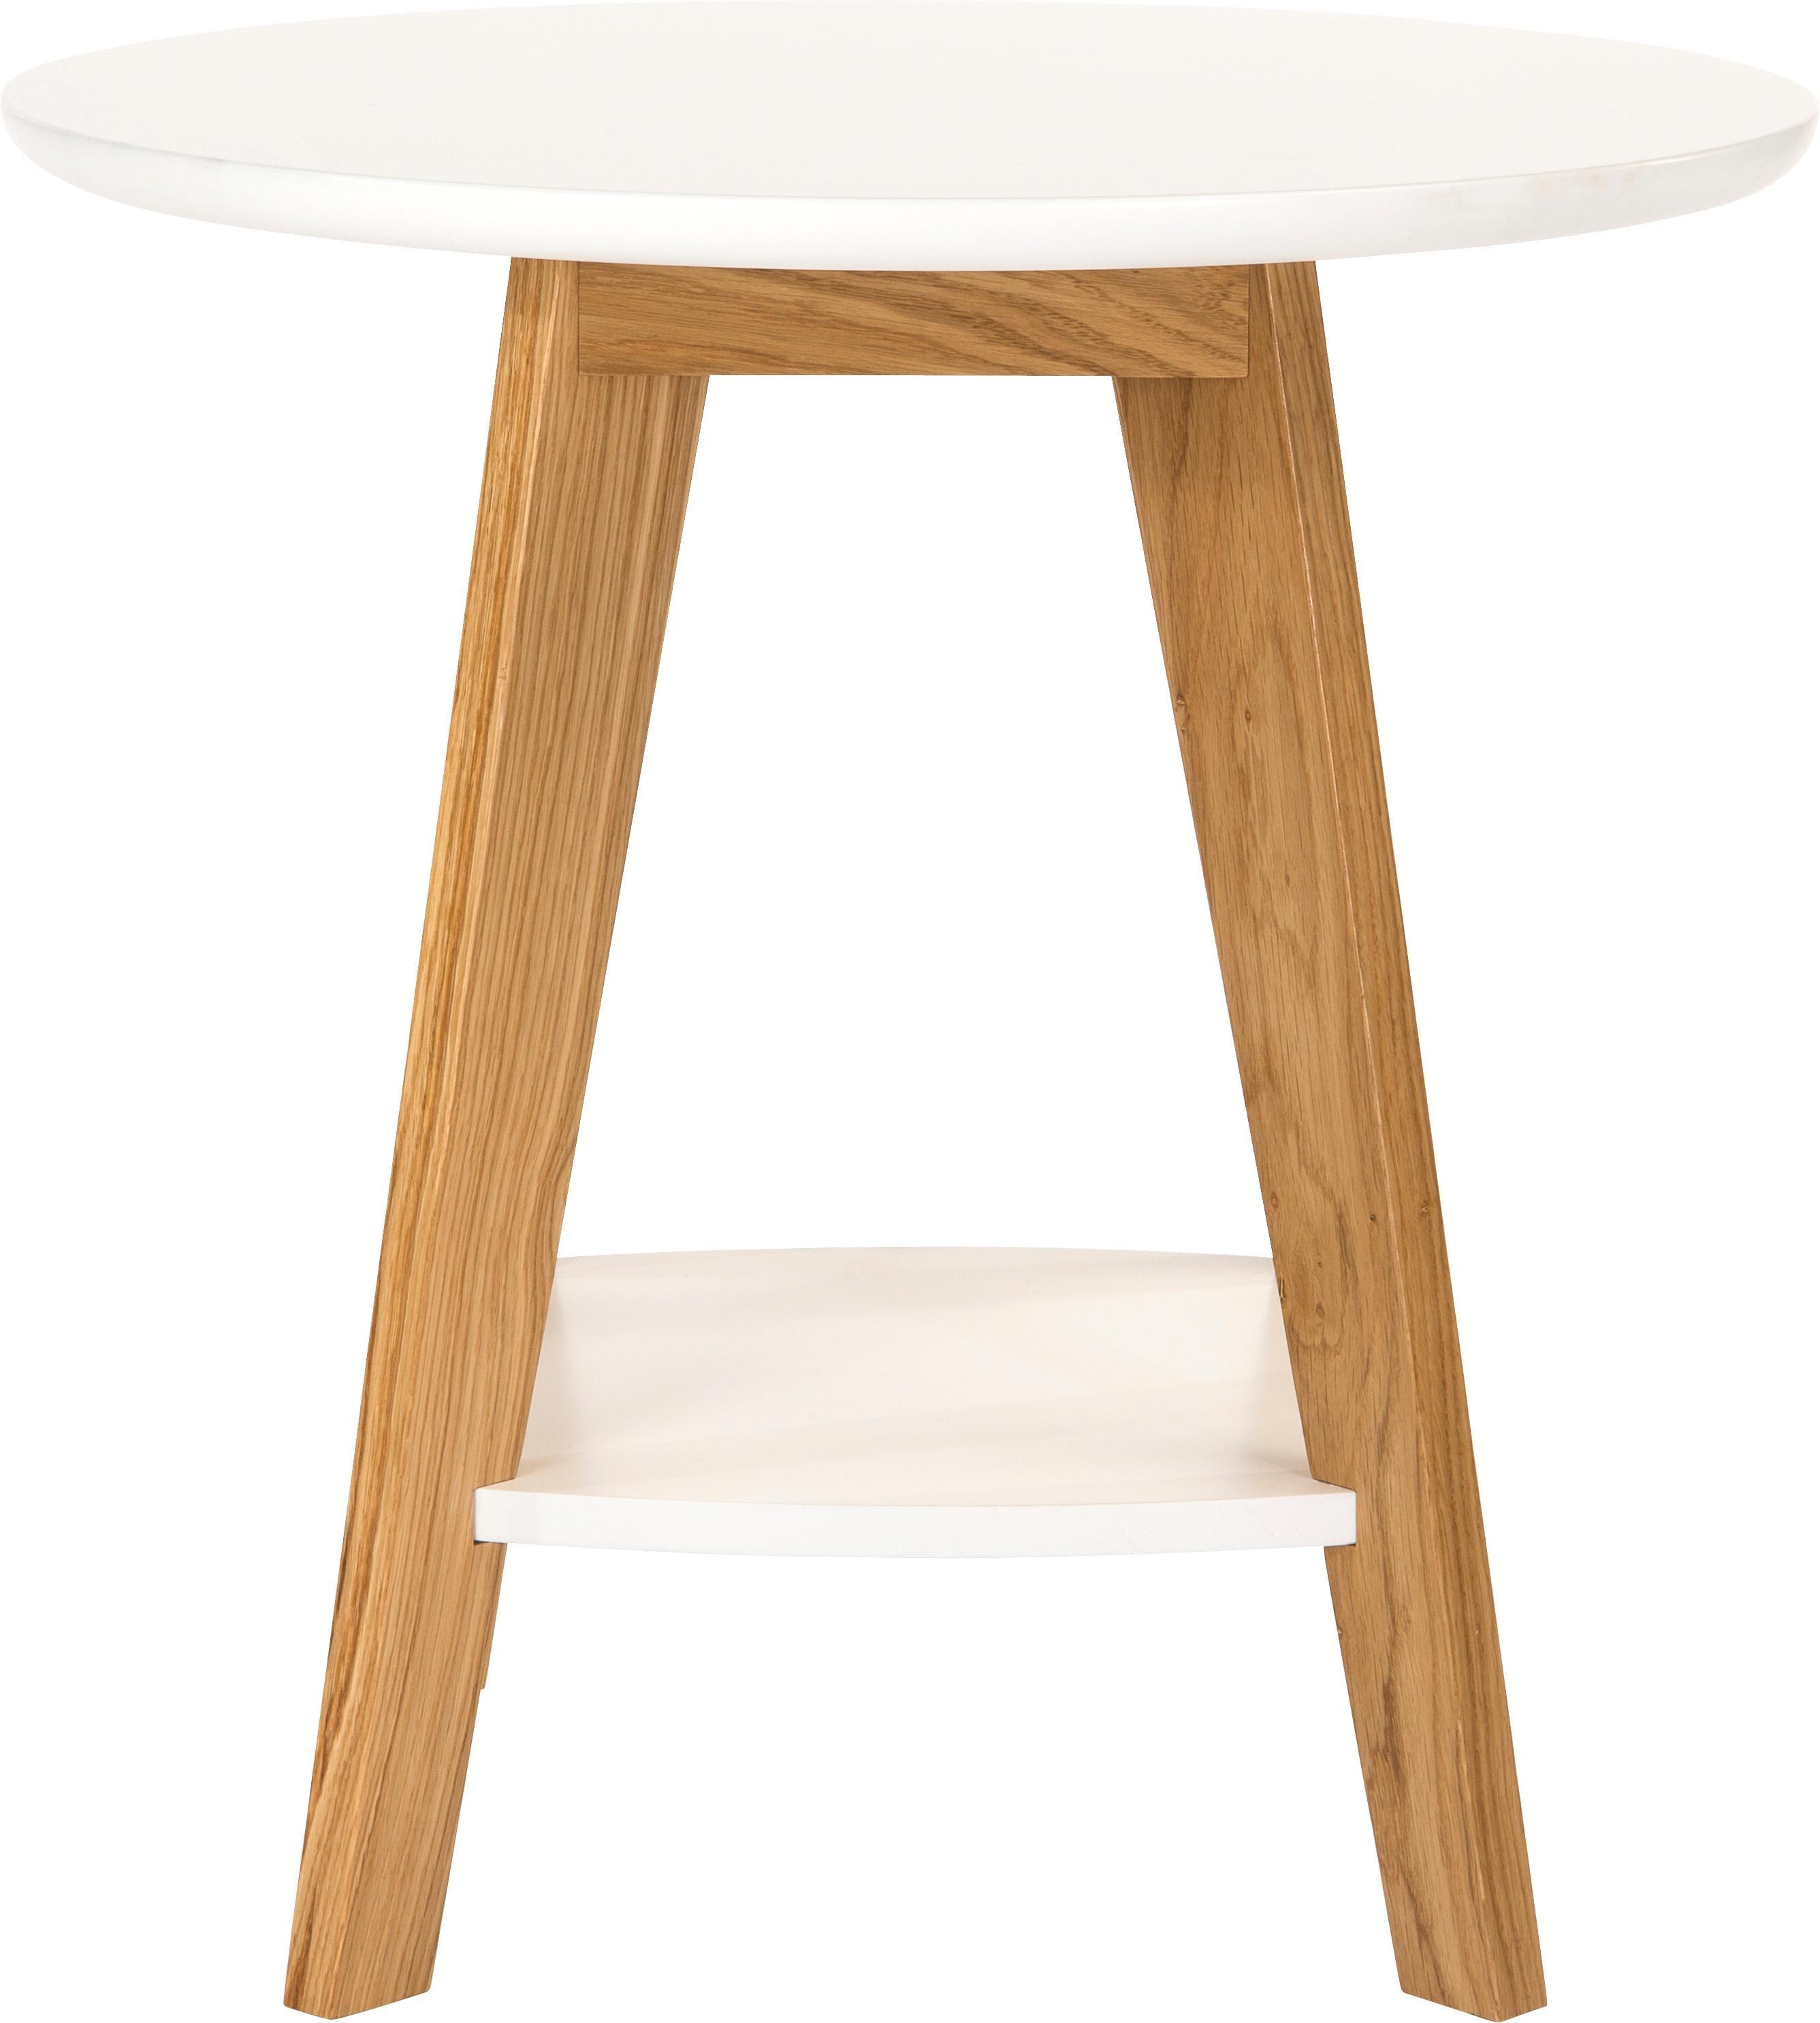 Woodman Beistelltisch Bjórgvin Wohnen/Möbel/Tische/Beistelltische